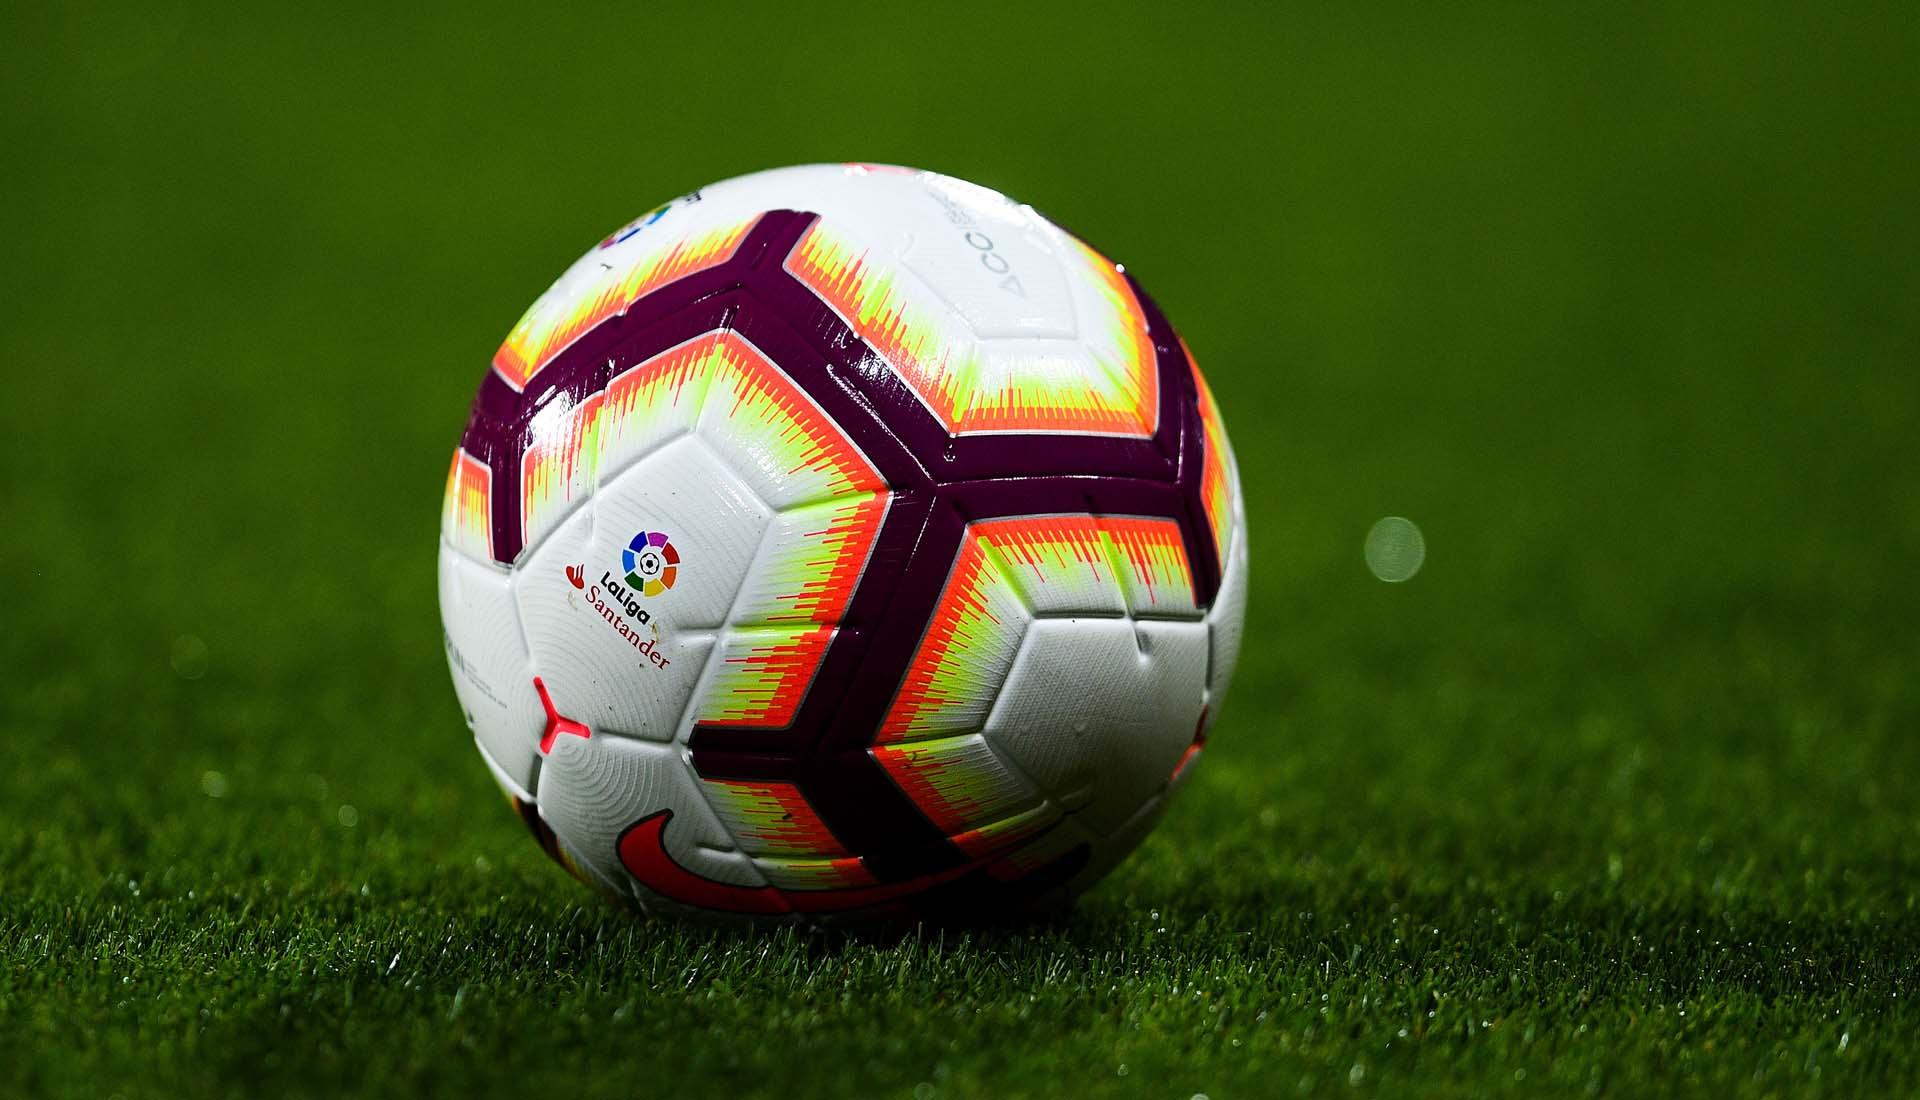 Sponsor Match zwischen Adidas und Puma | kurier.at